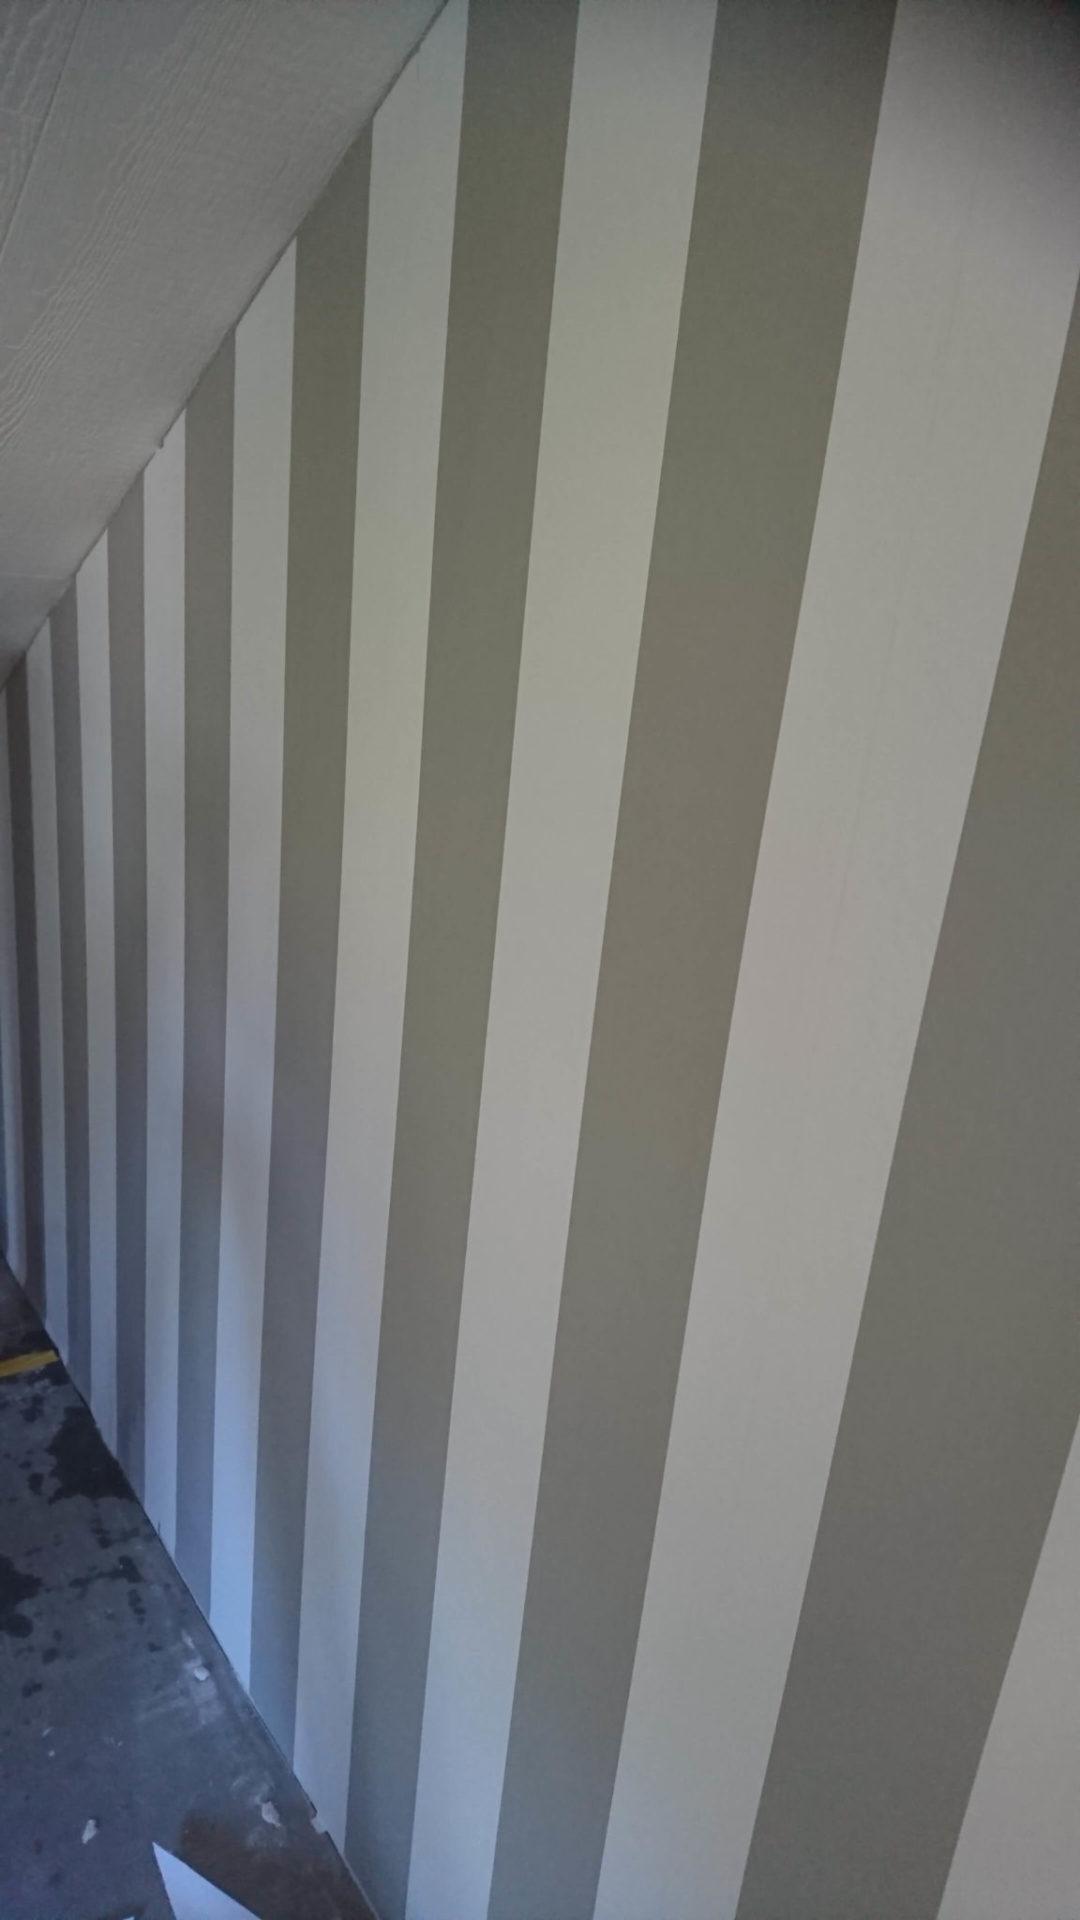 Byggföretaget utför även tapetsering